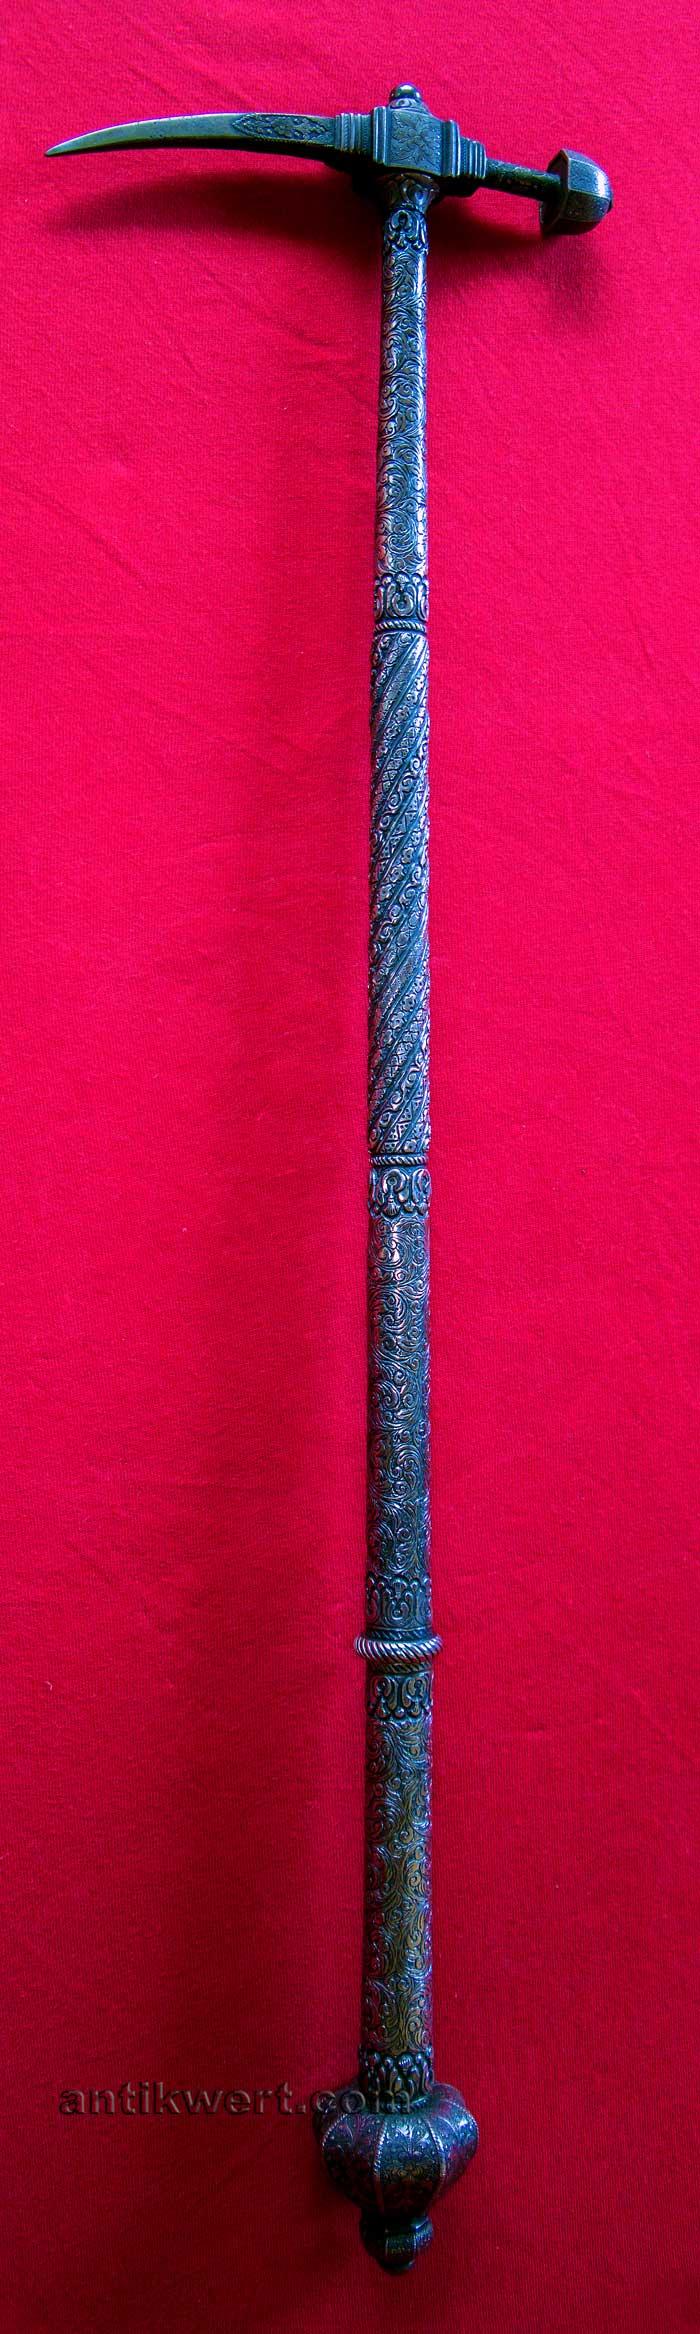 gesamtansicht des objektes Reiterhammer-721